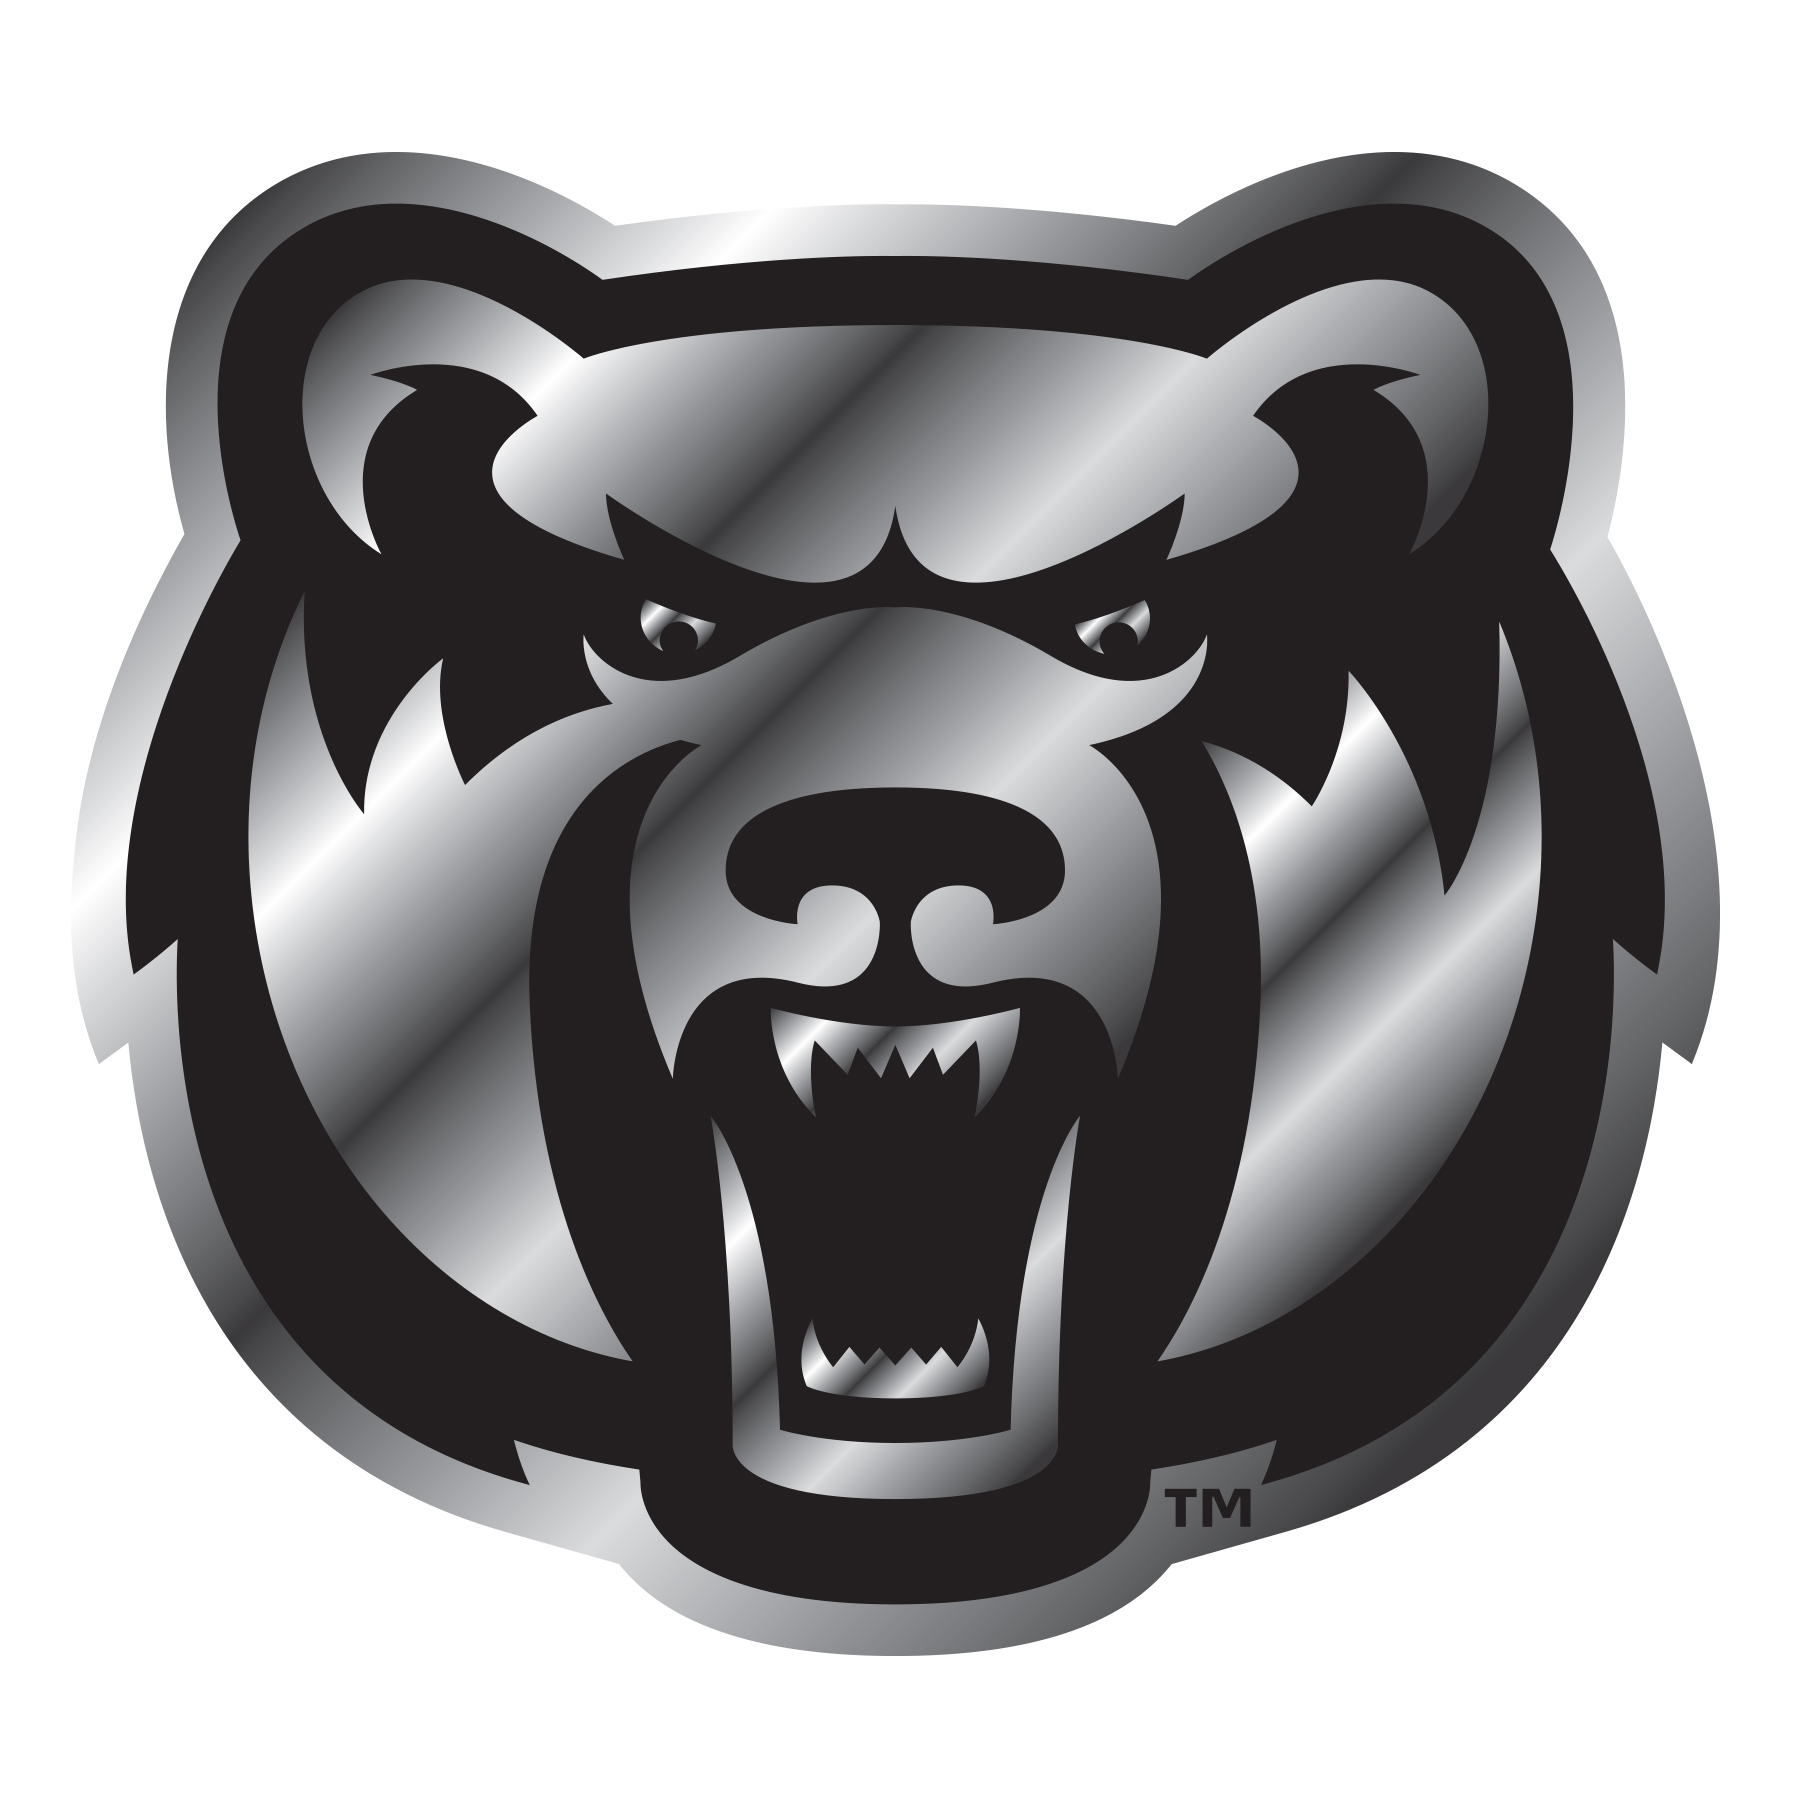 Chrome Bearhead Car Emblem